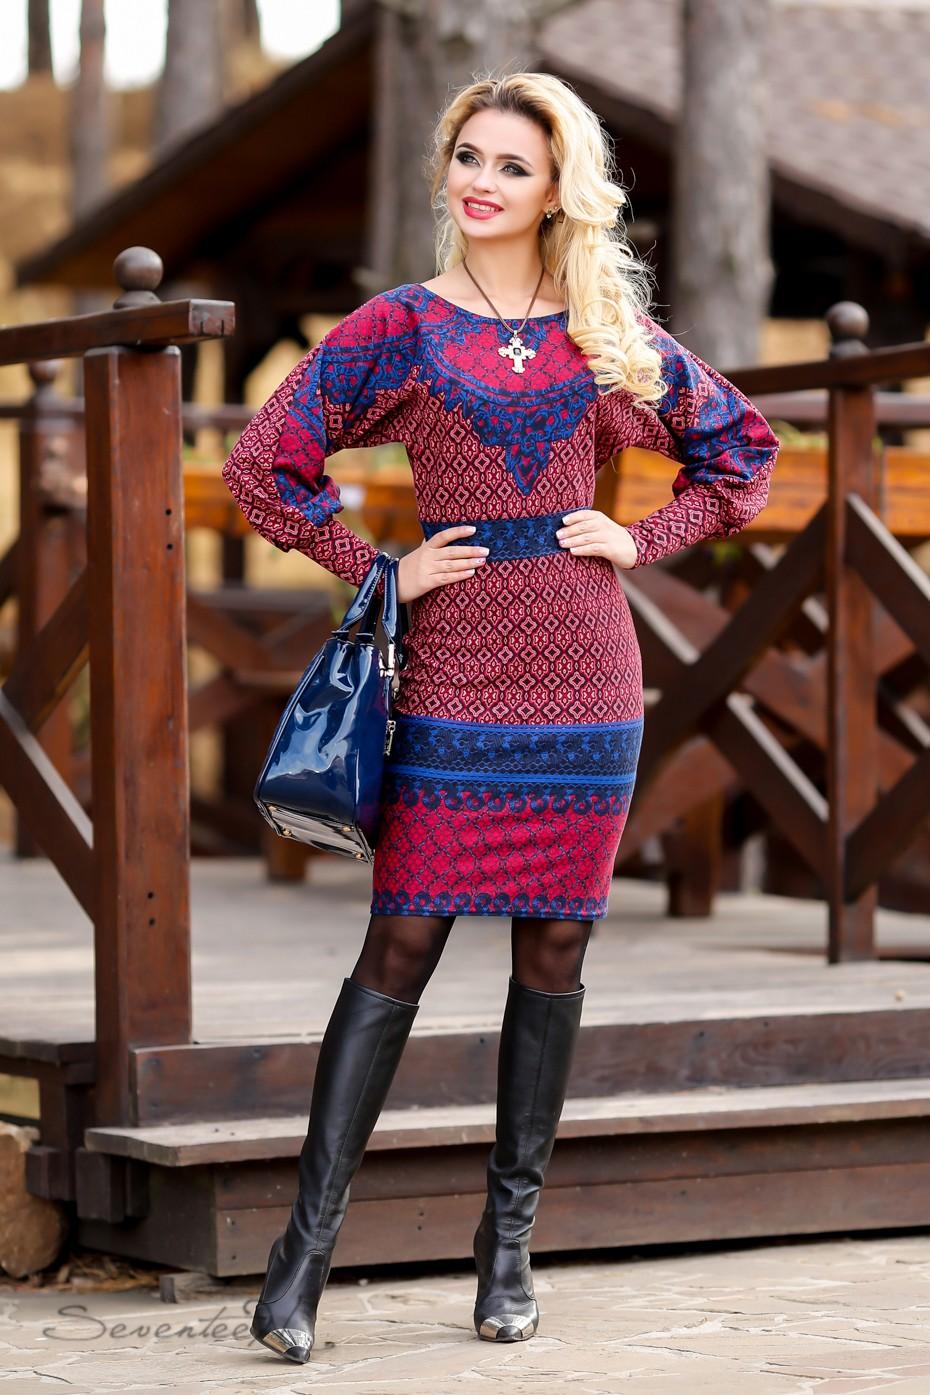 Сбор заказов. In modo - это модная женская одежда.Новинки-классные шубки,жилеты из эко-меха и эко-кожи, а также платья и многое другое. Отличное качество, доступная цена! Скидки! Выкуп 4.